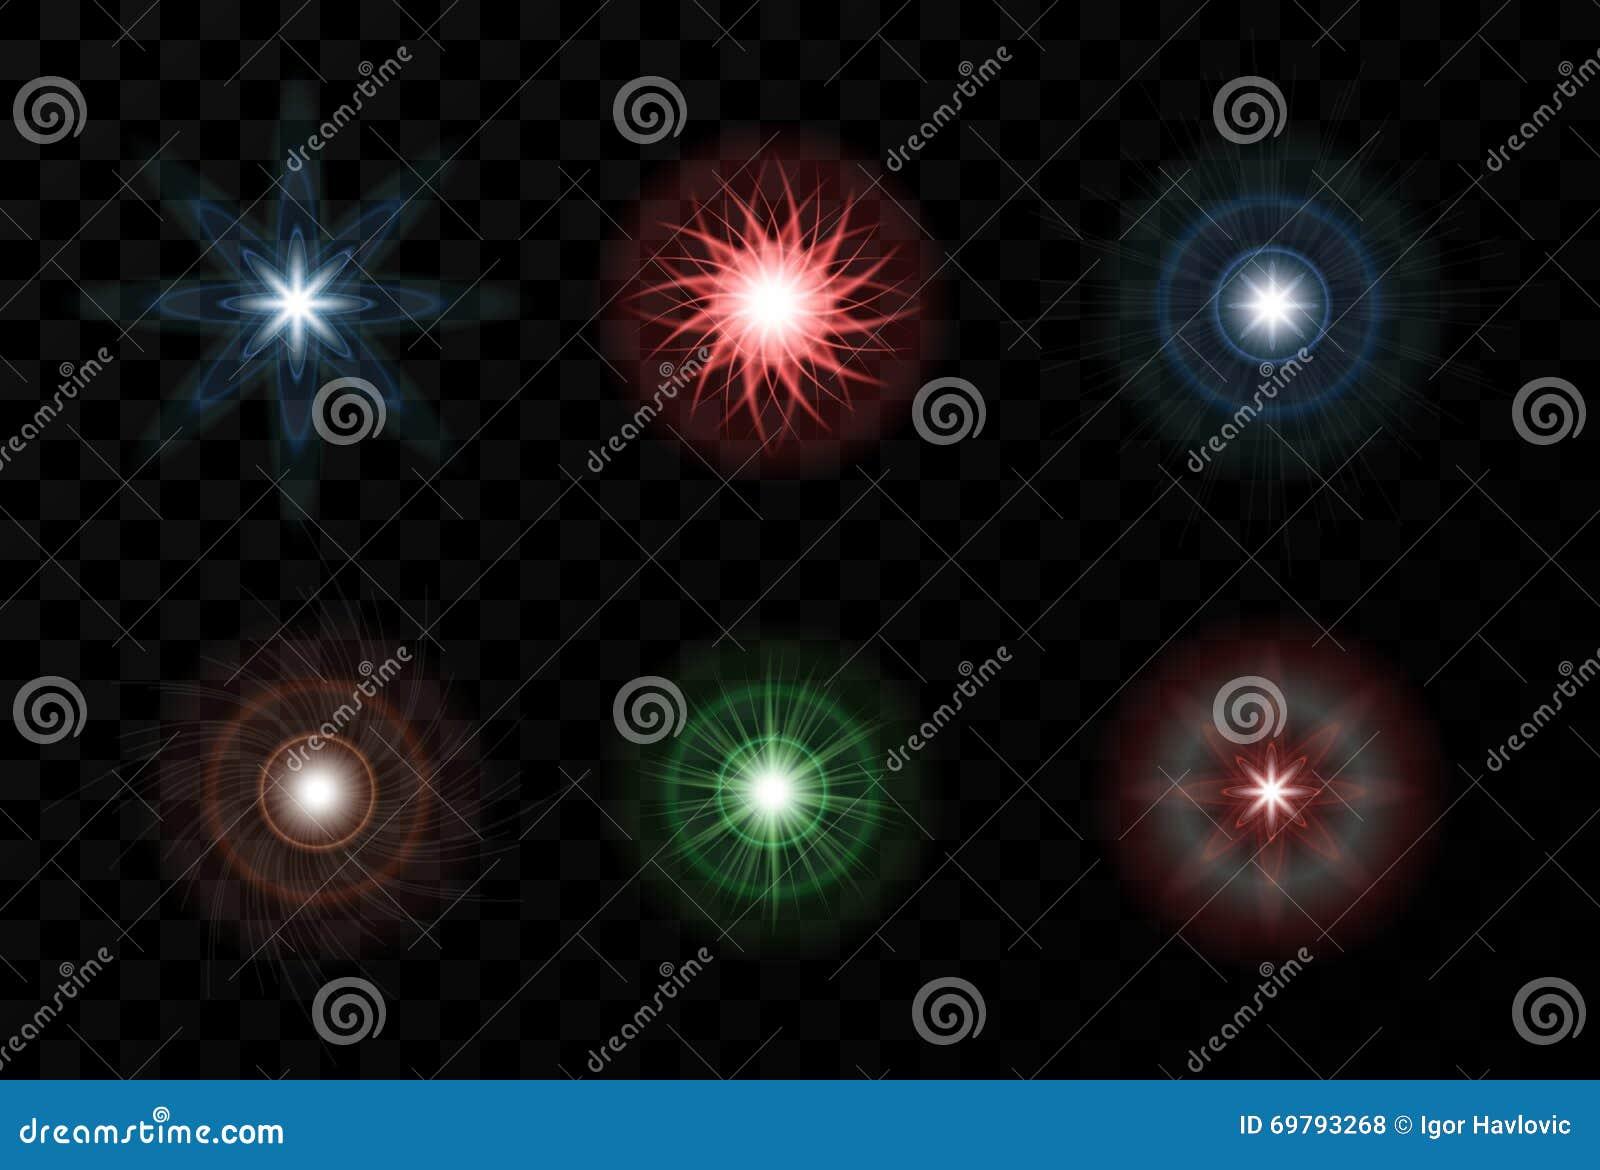 闪闪发光星星系爆炸 抽象闪闪发光纹理